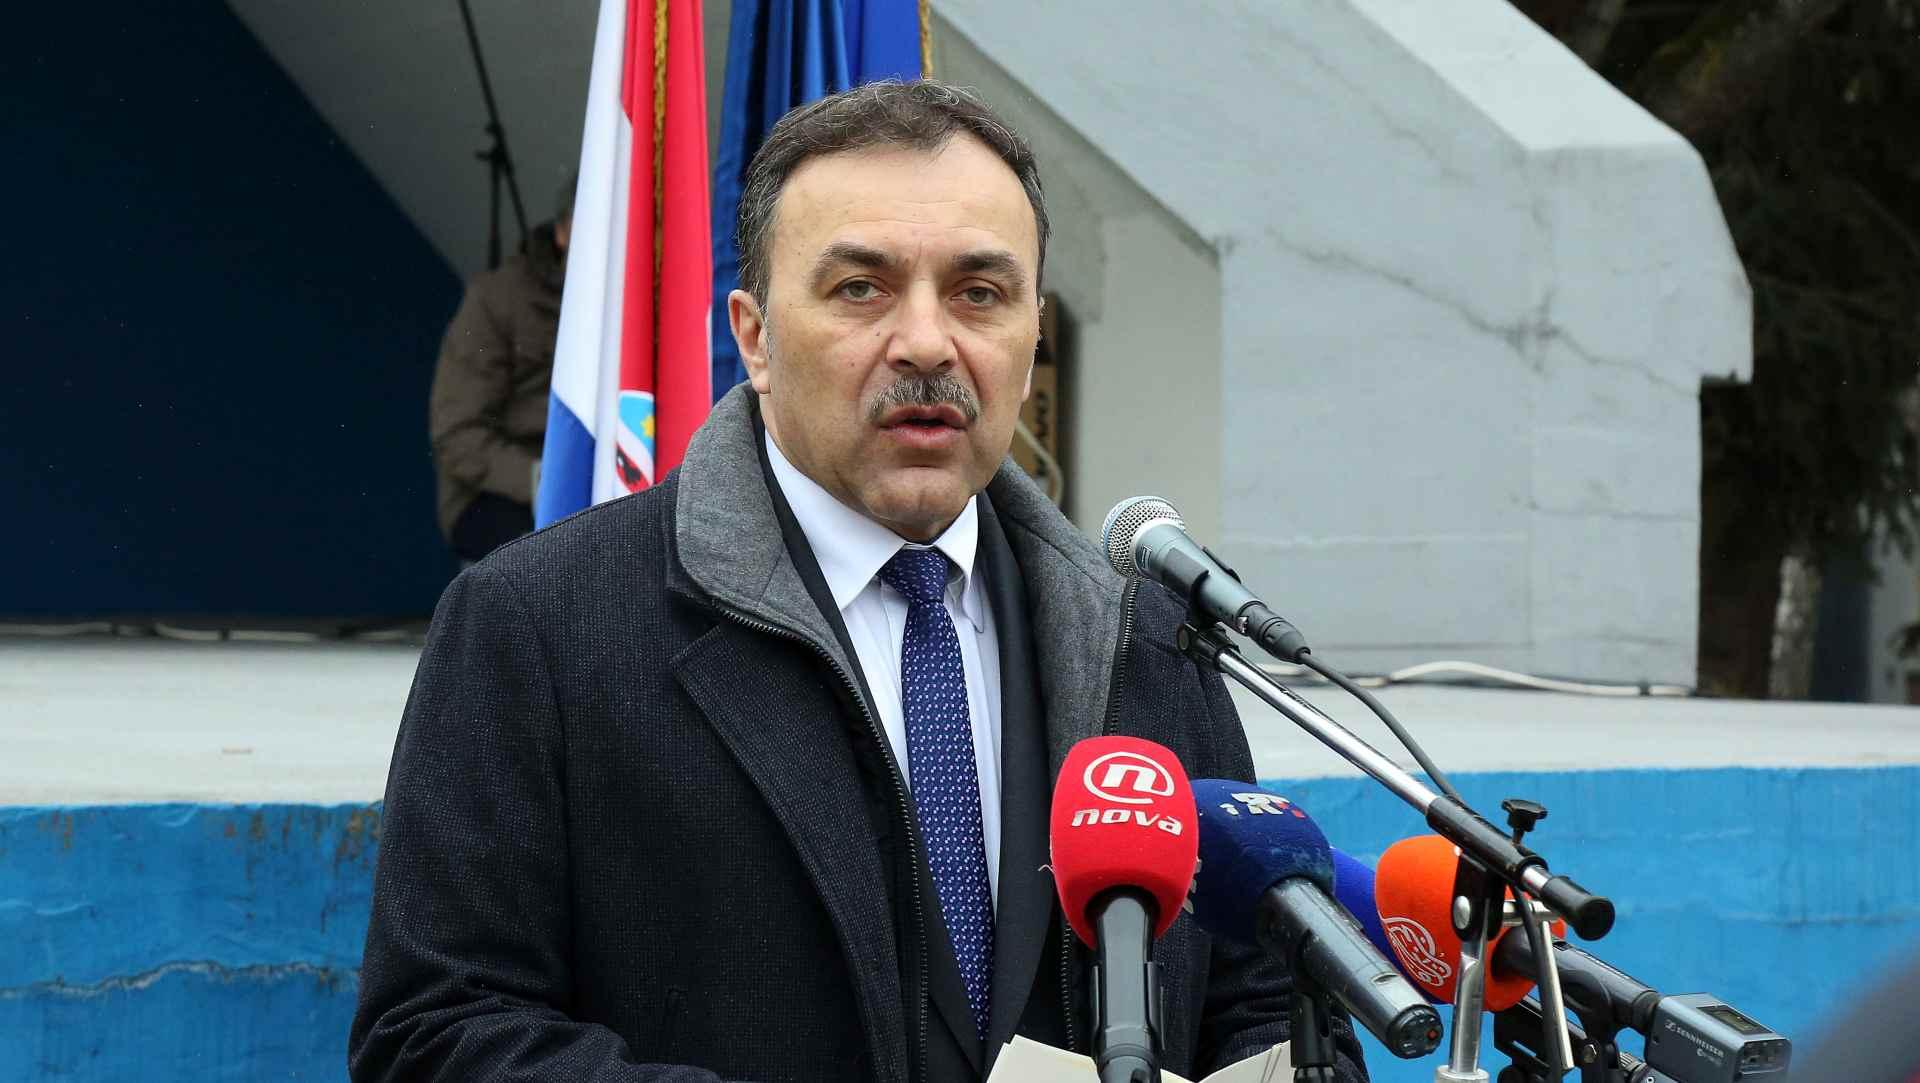 Ministar Orepić s mađarskim kolegom razgovarao o sigurnosnim izazovima